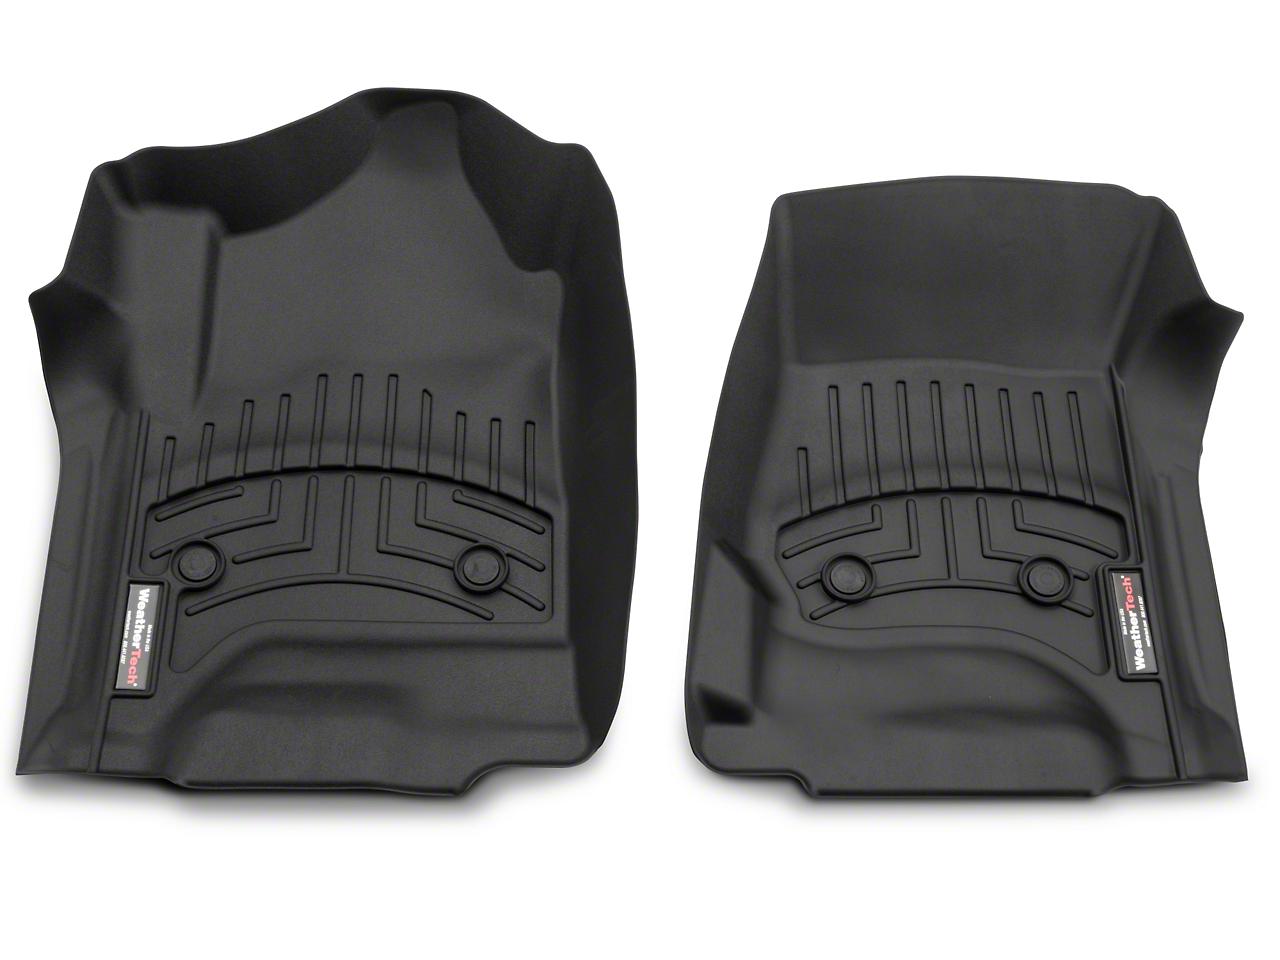 Weathertech DigitalFit Front & Rear Floor Mats - Black (14-18 Silverado 1500 Double Cab, Crew Cab)